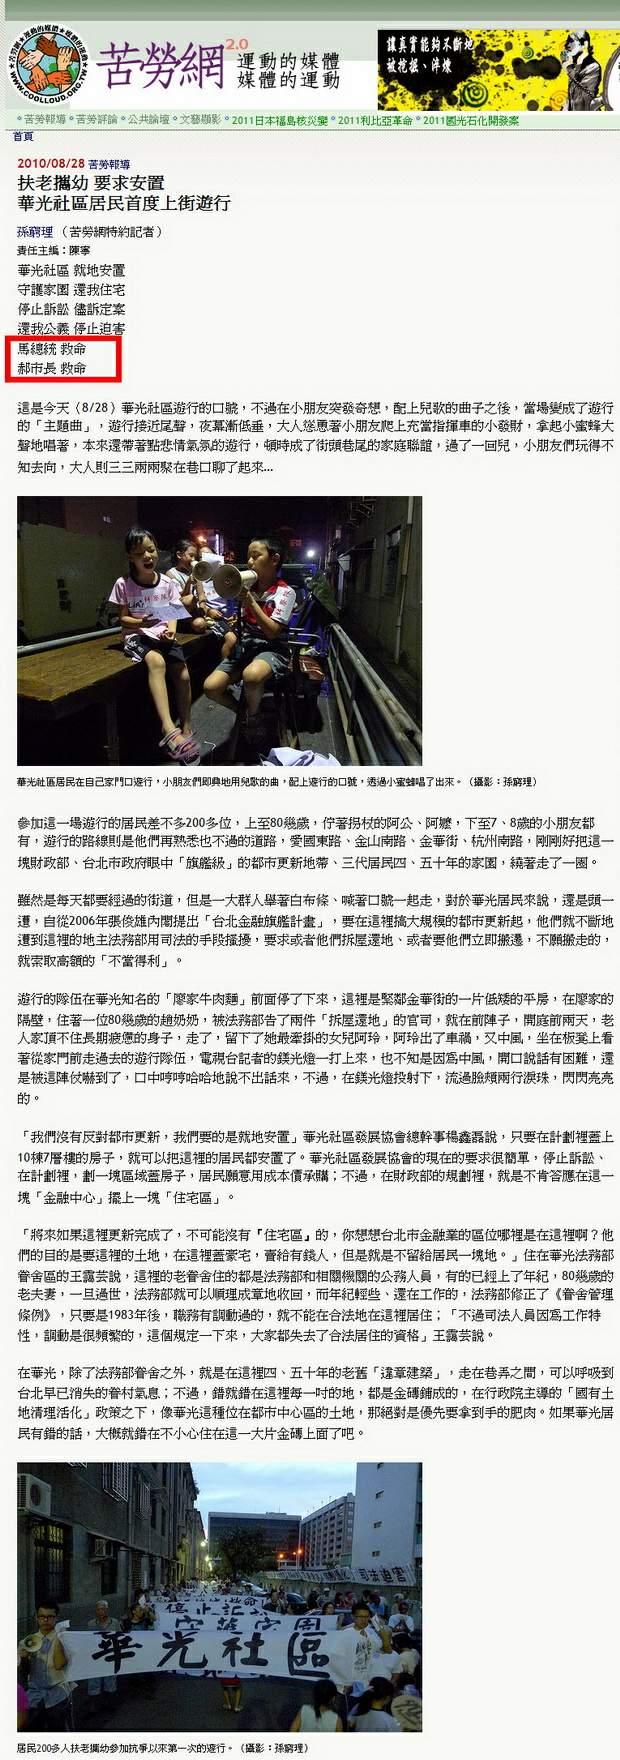 扶老攜幼 要求安置 -2010.08.28.jpg